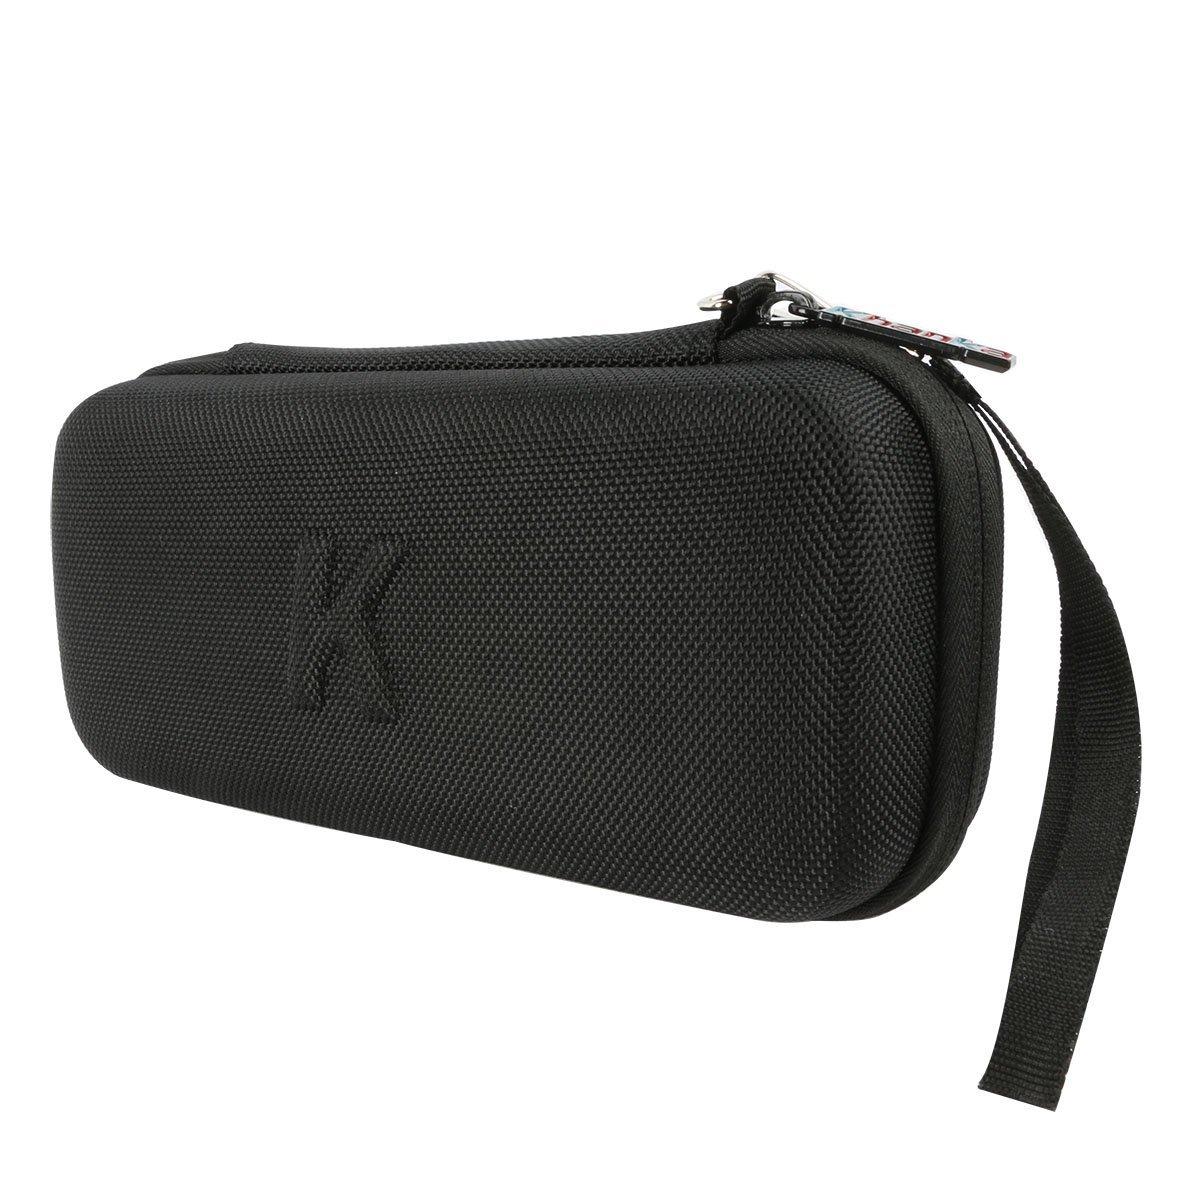 Khanka Hard Case Travel Carrying Bag For Anker Astro E7 Ultra-High 26800Mah /.. 8